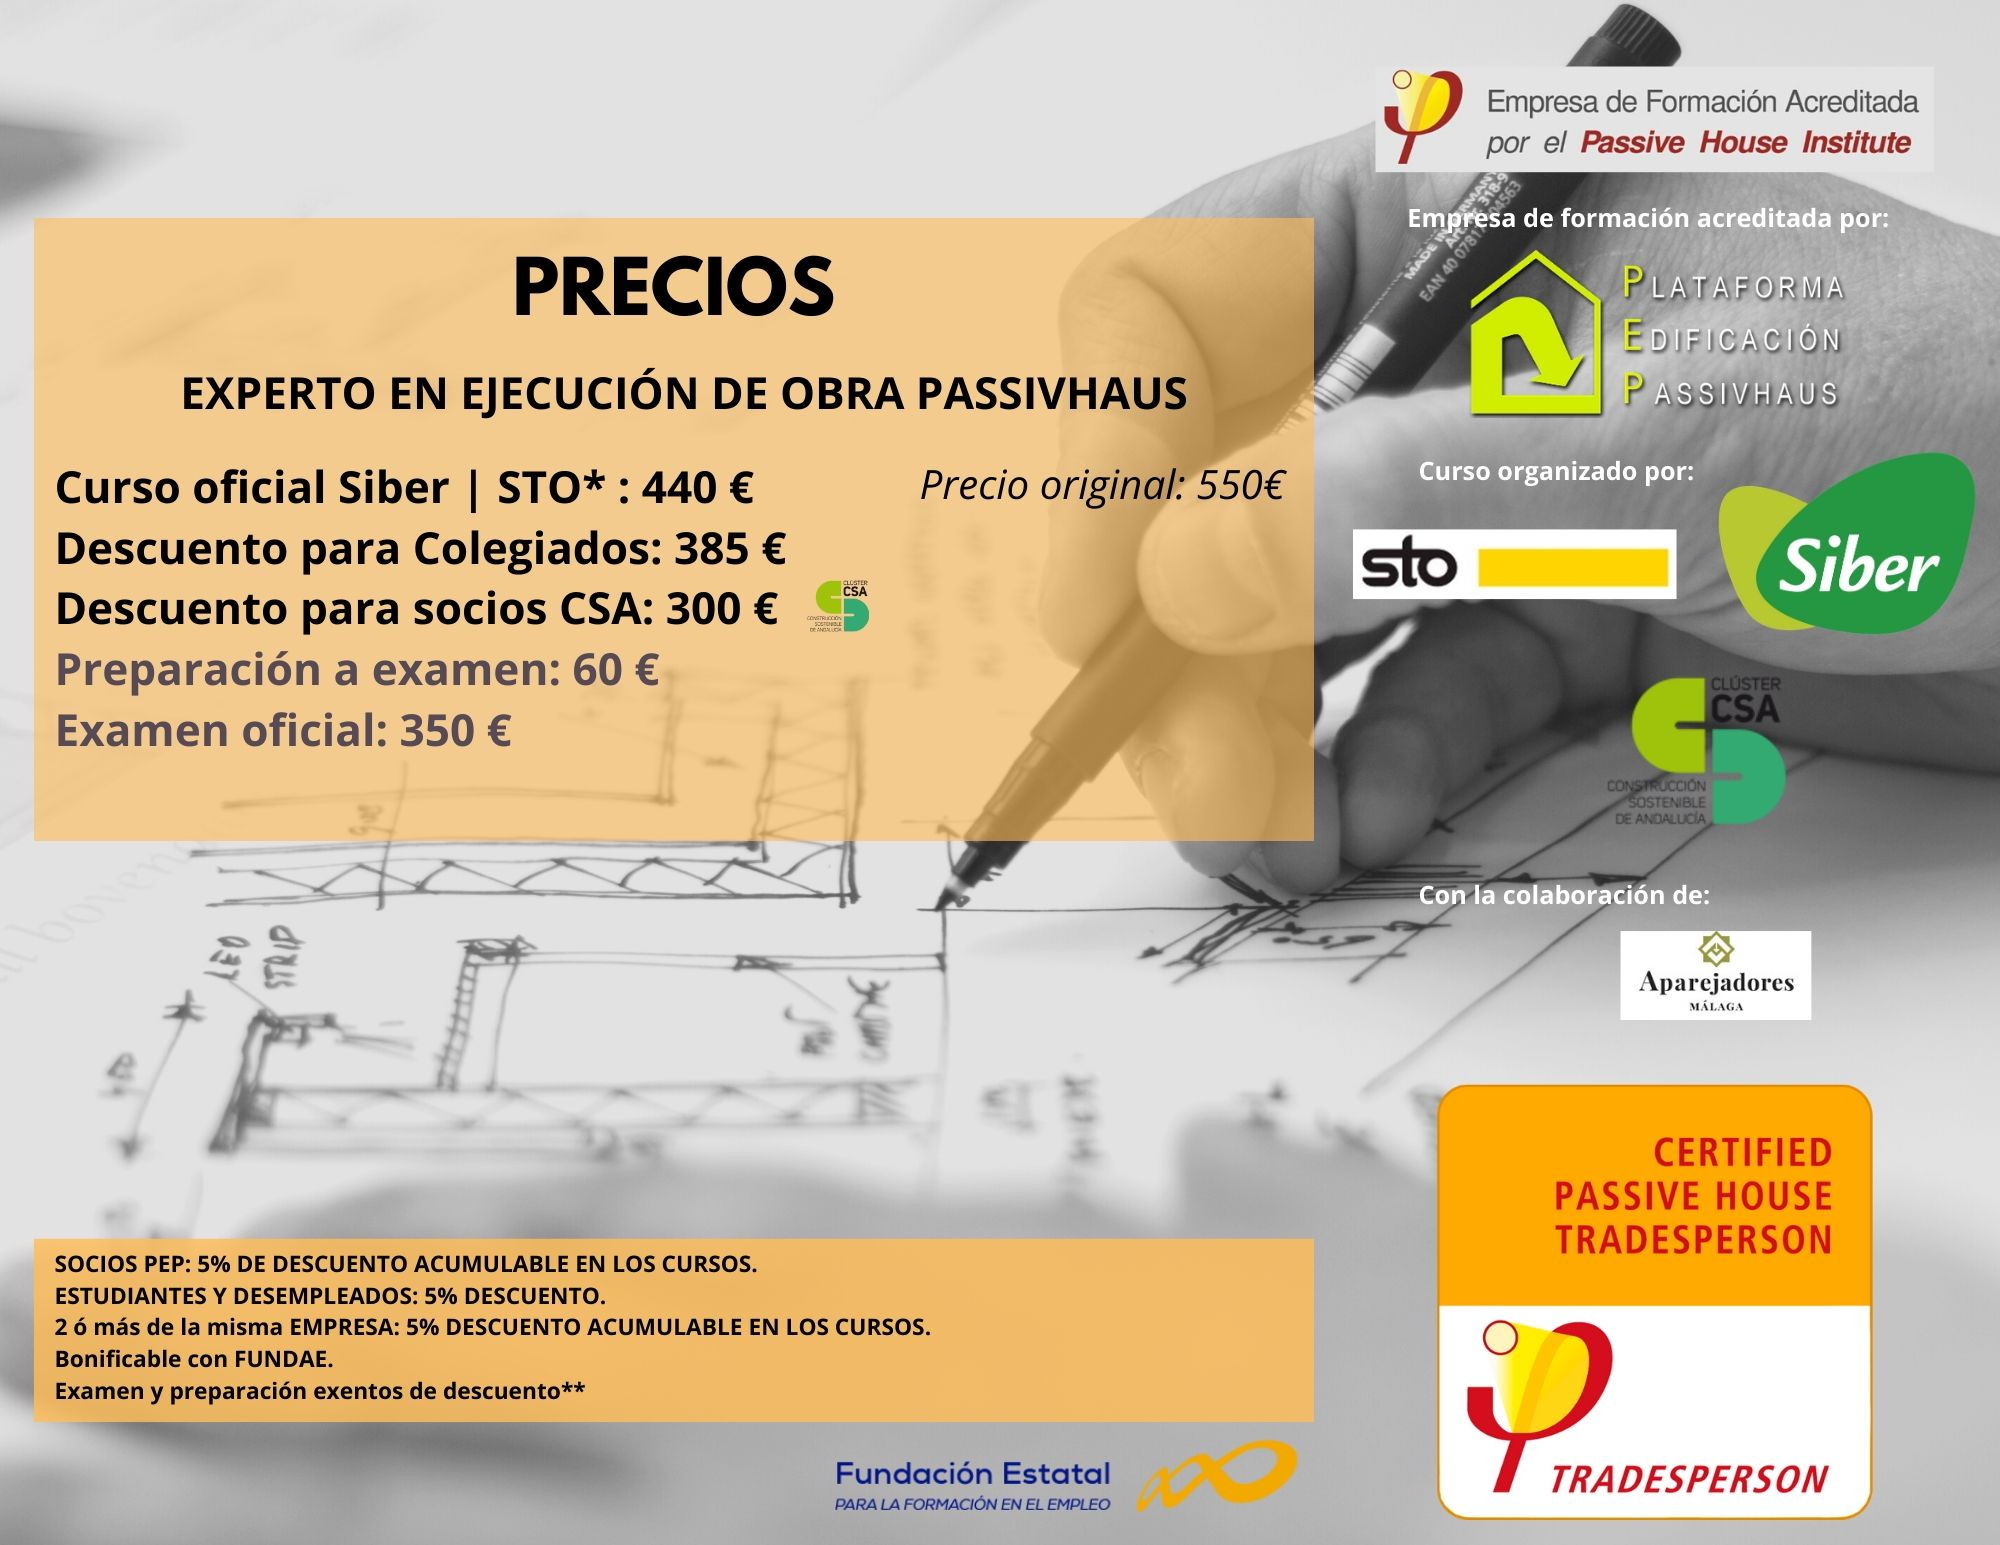 Curso Passivhaus Tradesperson C&A Precios